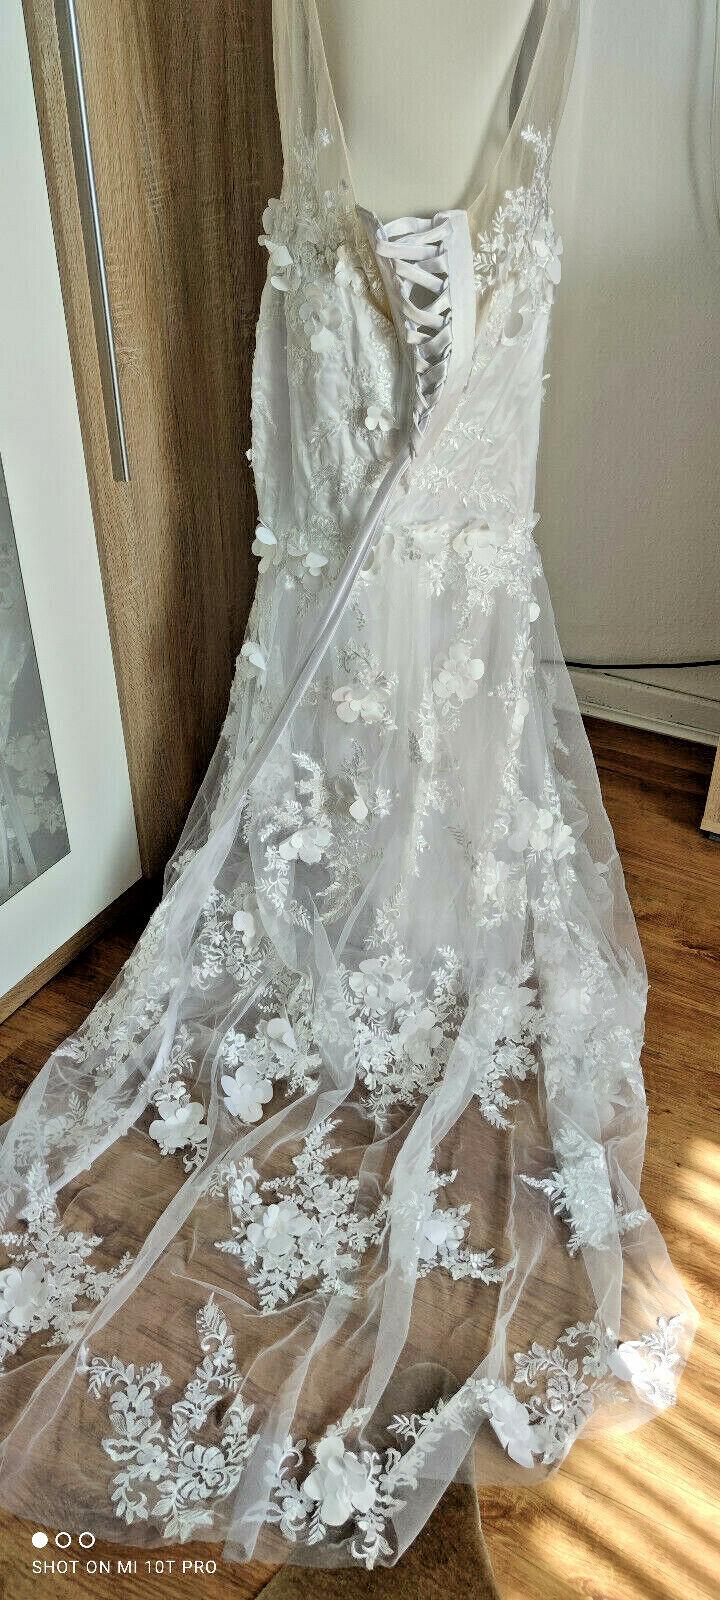 traumhaftes Brautkleid mit tiefen Rücken und langer Schleppe